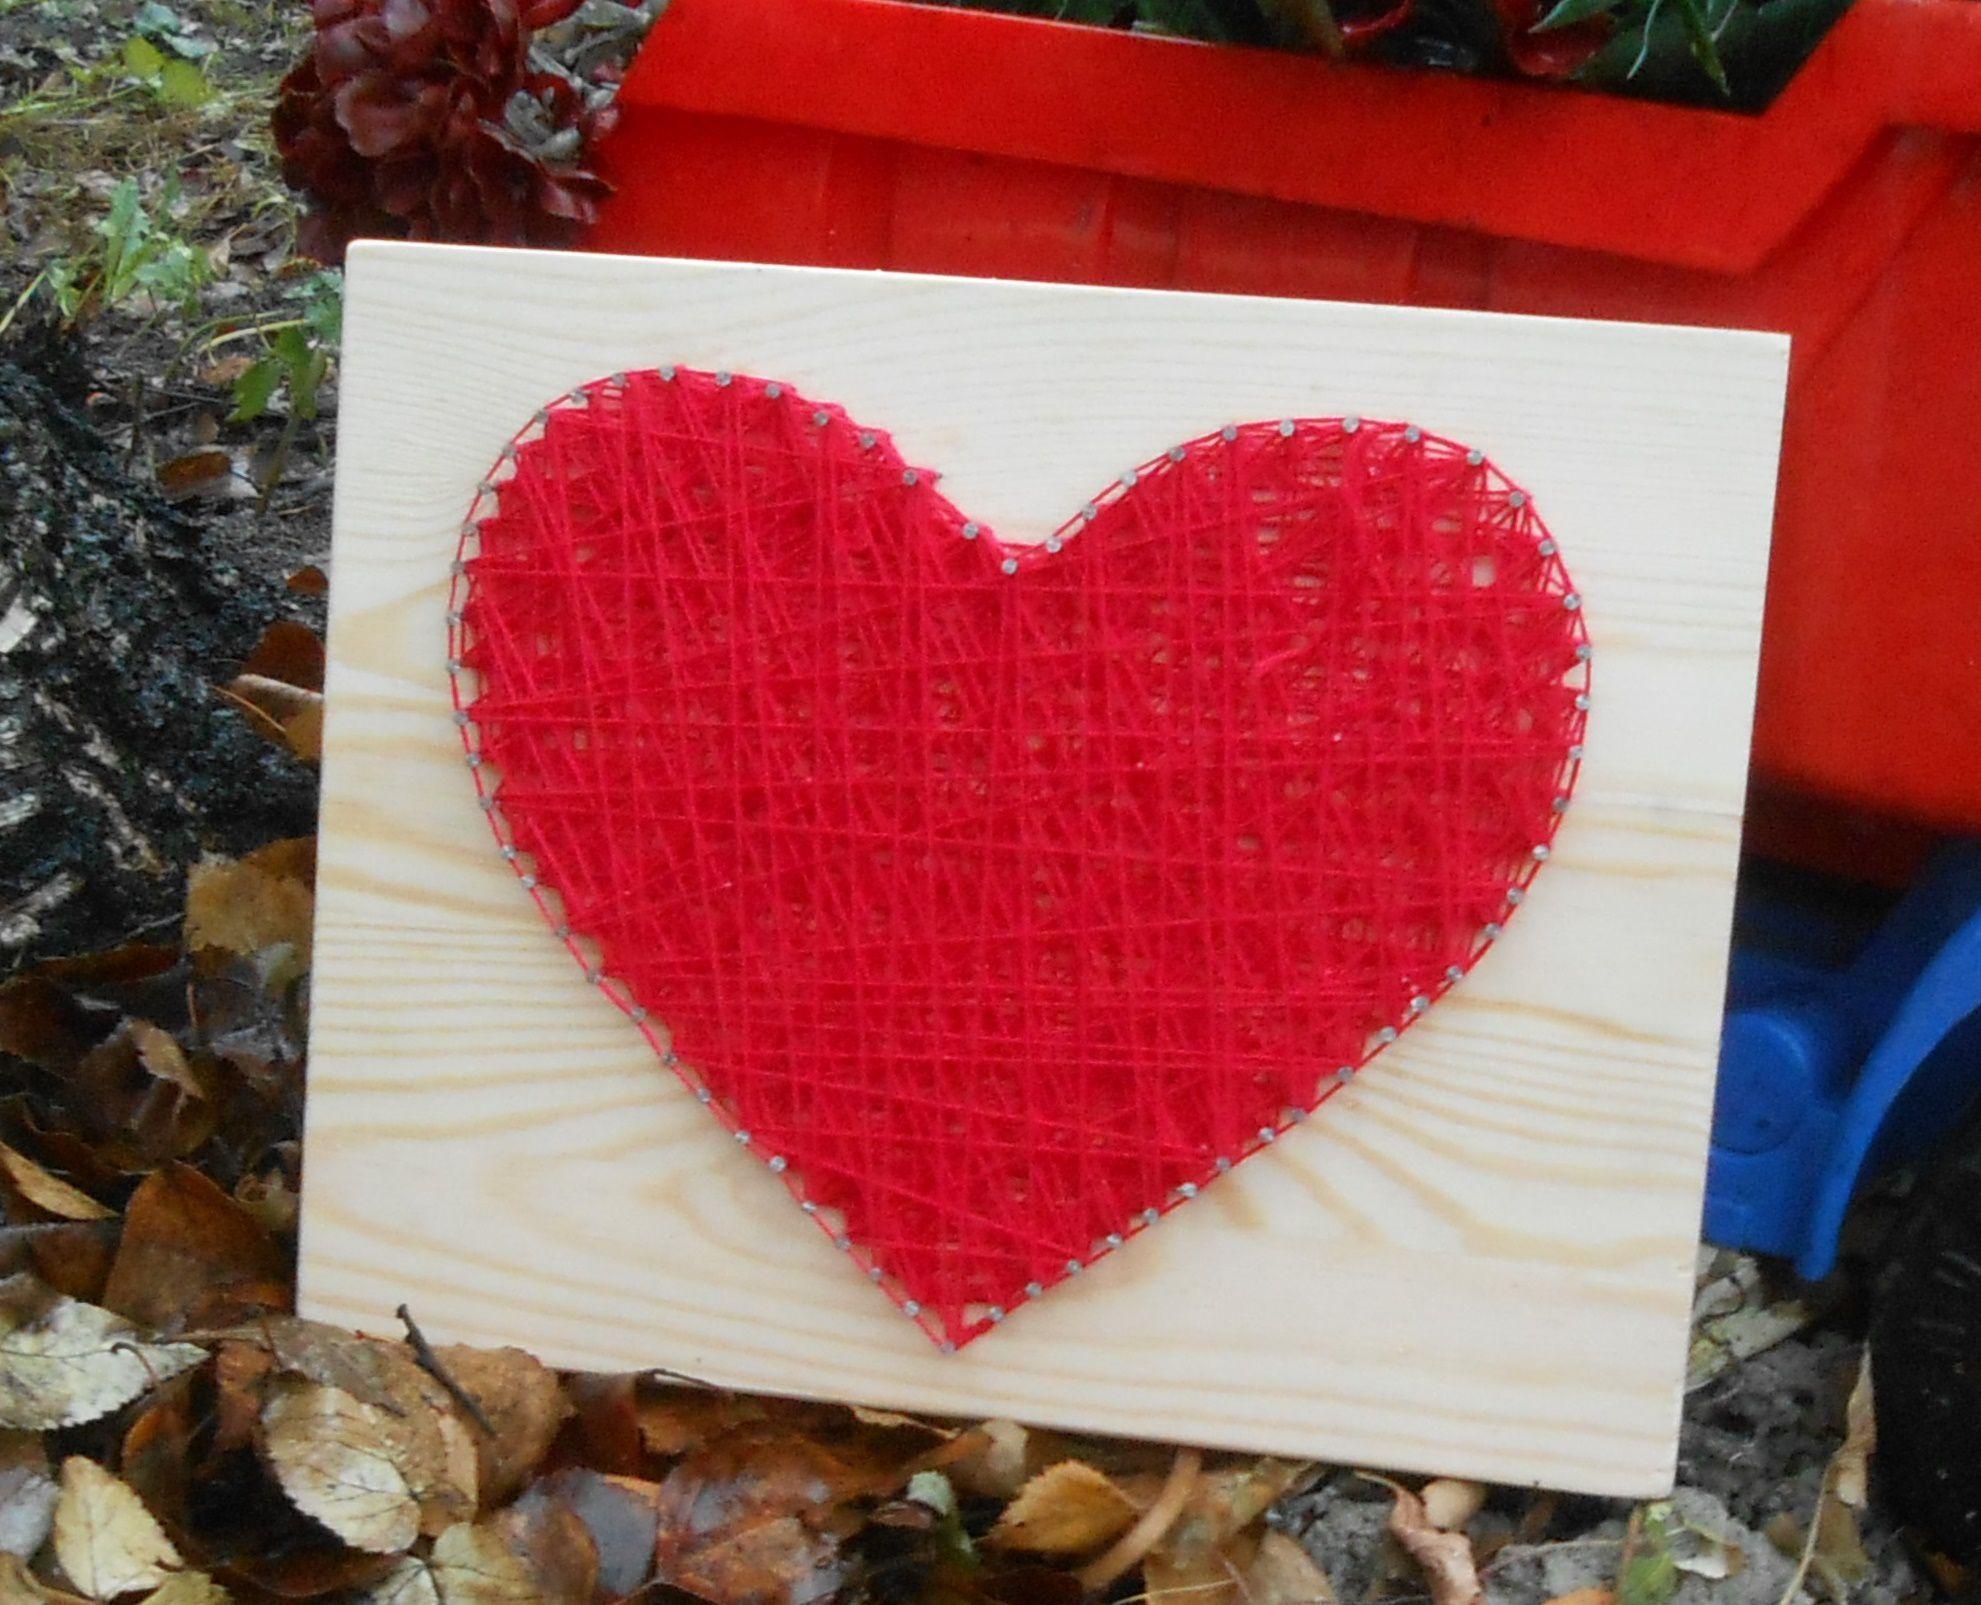 день из доски подарок на валентина декор фоторамка сердце дерева деревянная влюбленным интерьерные